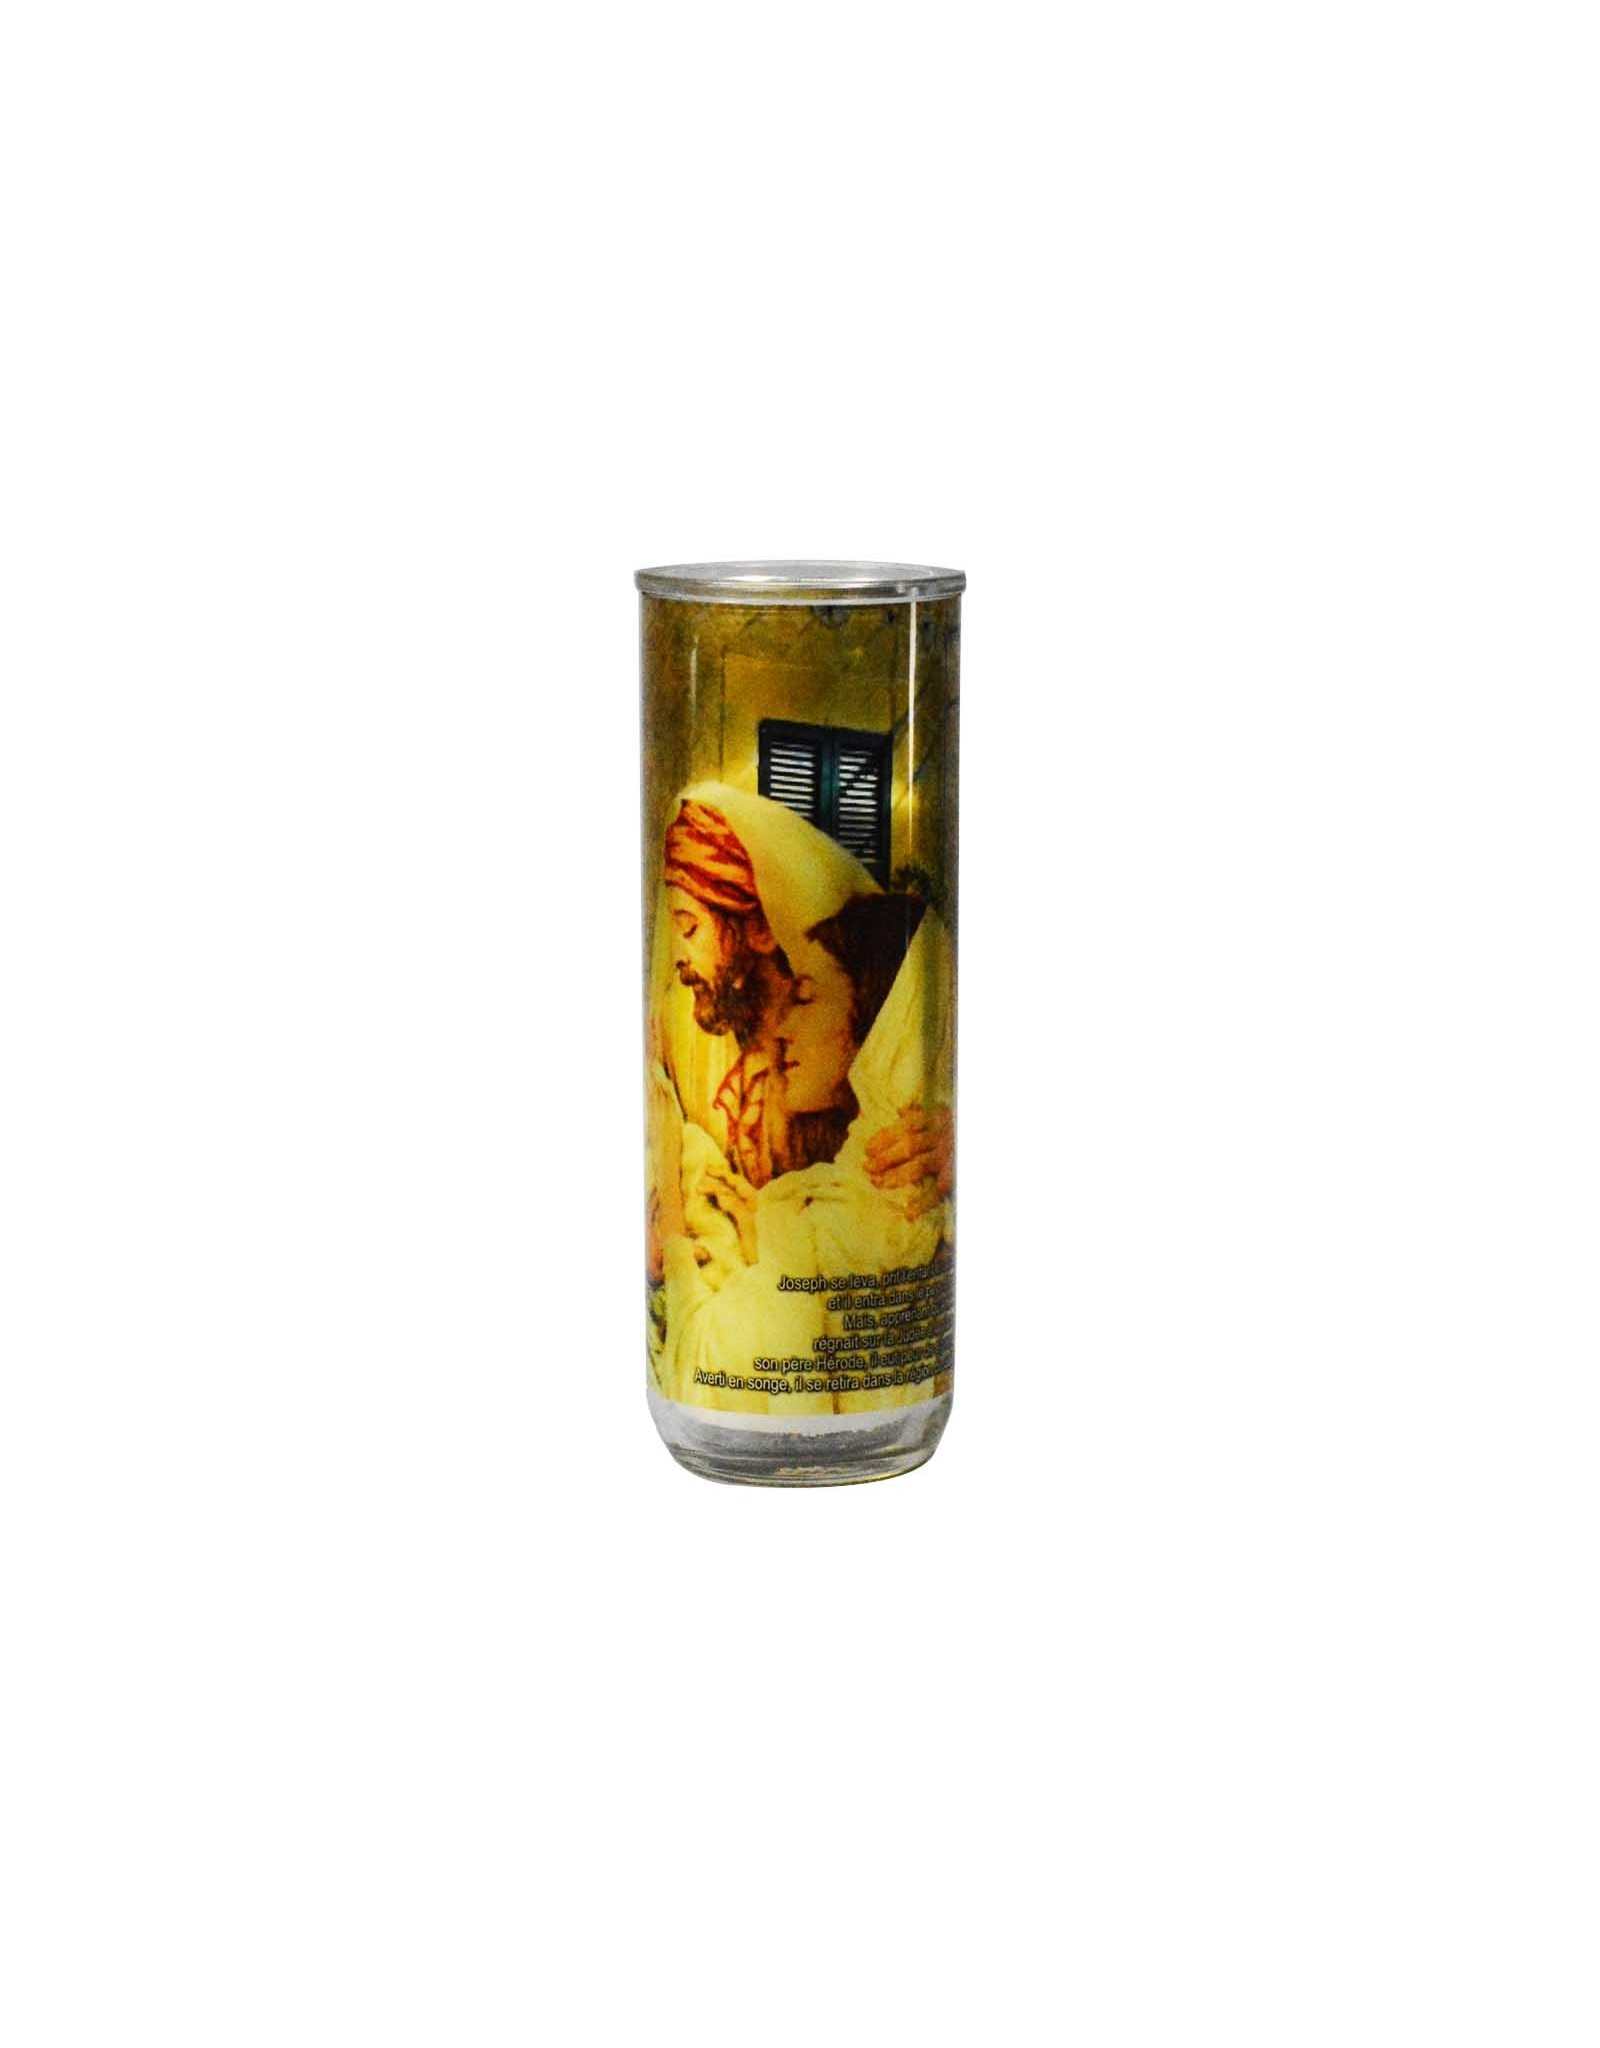 Chandelles Tradition / Tradition Candles Verre à lampion: Année de Saint Joseph